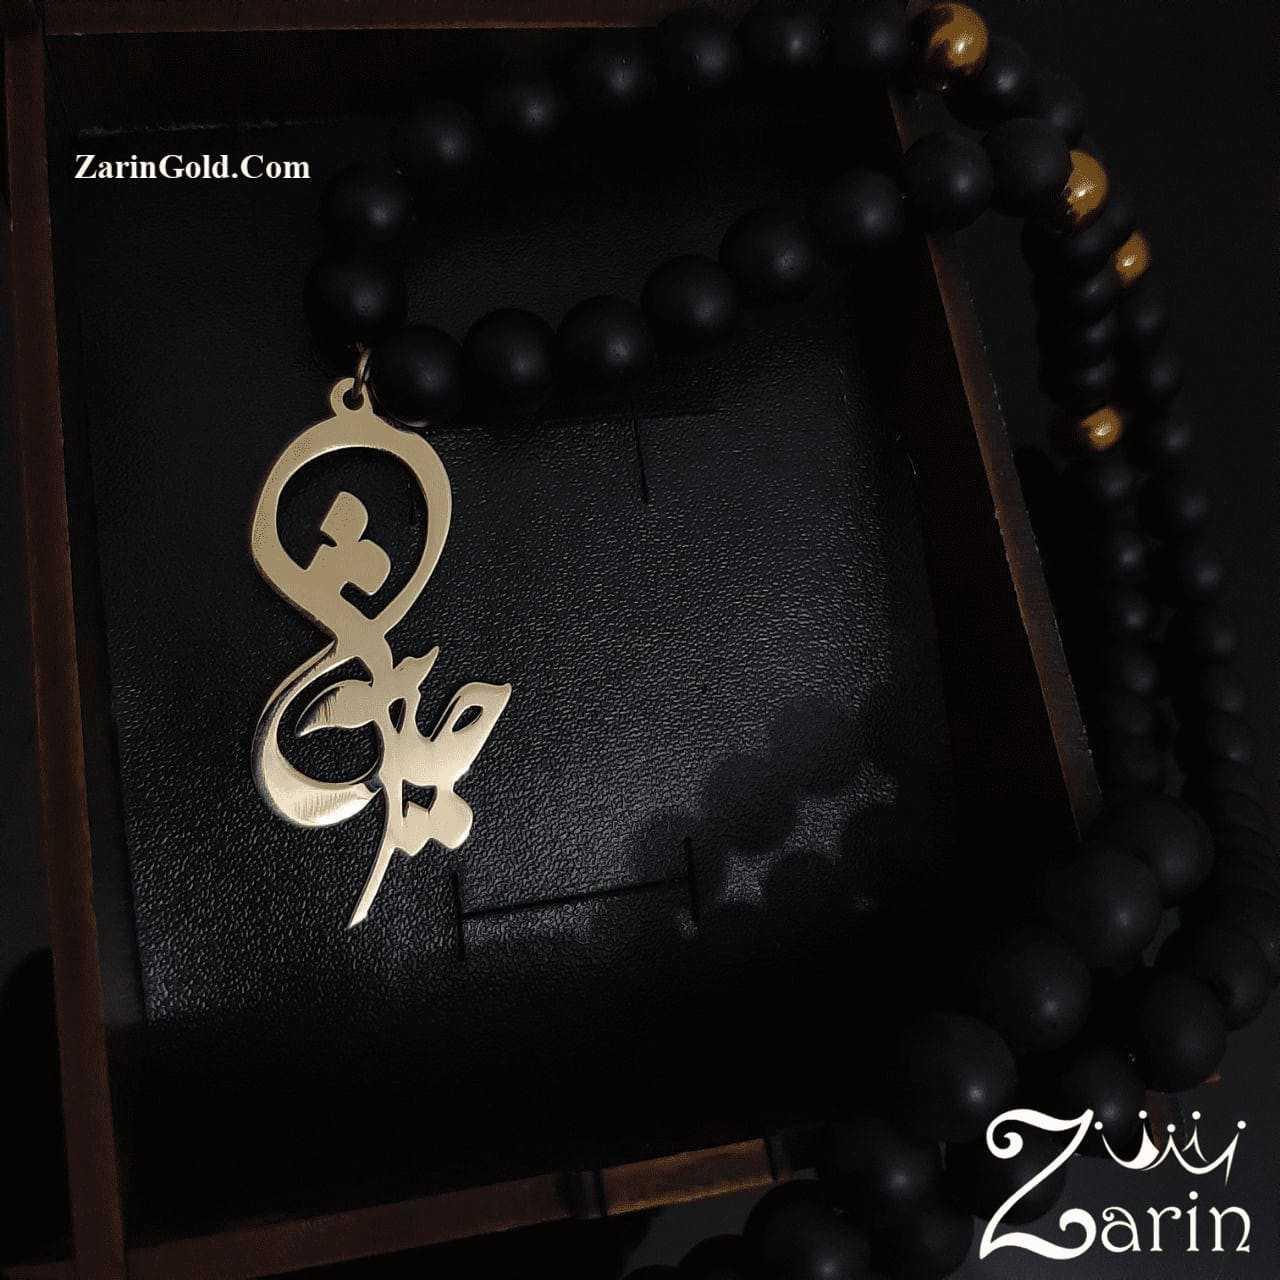 گردنبند فارسی اسم حدیثه